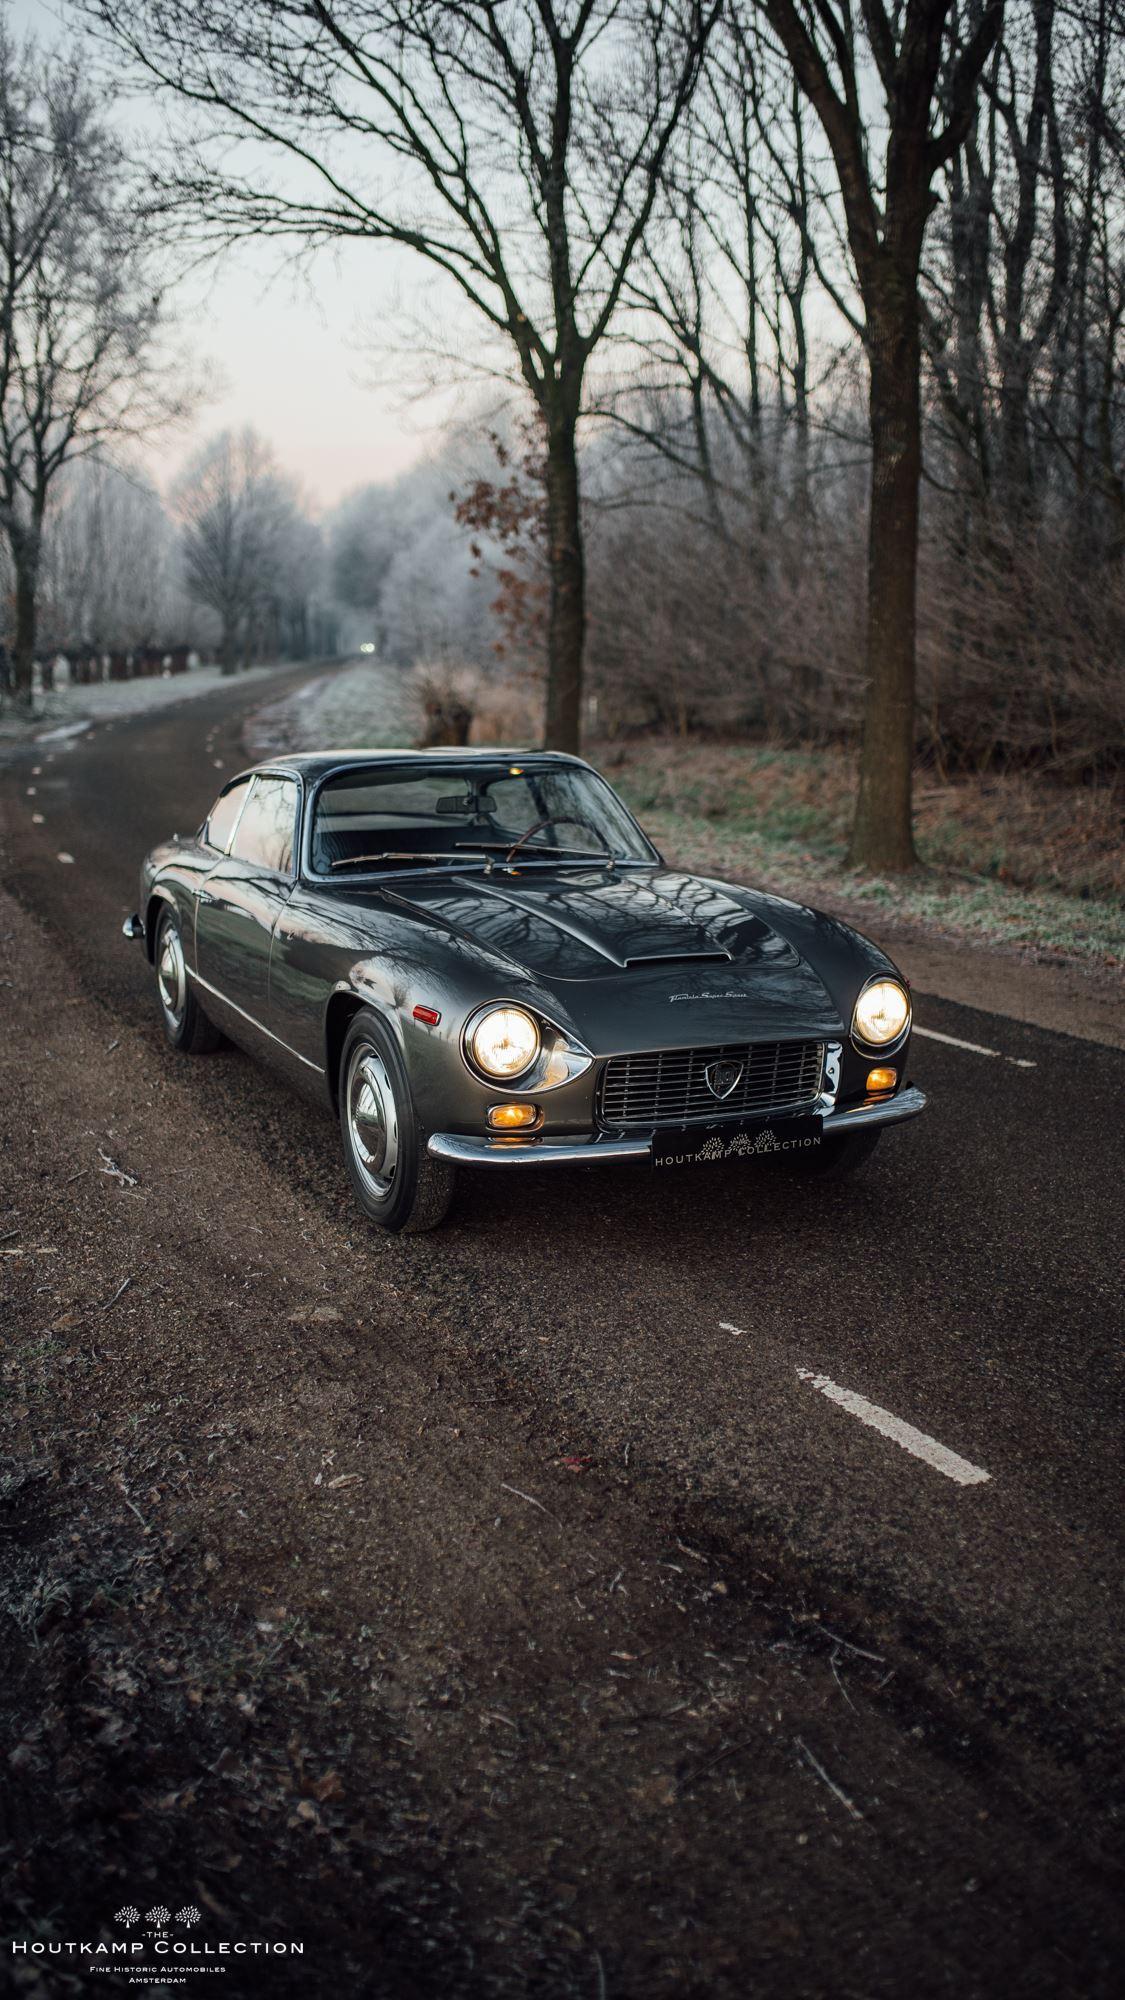 1967年 ランチア フラミニア